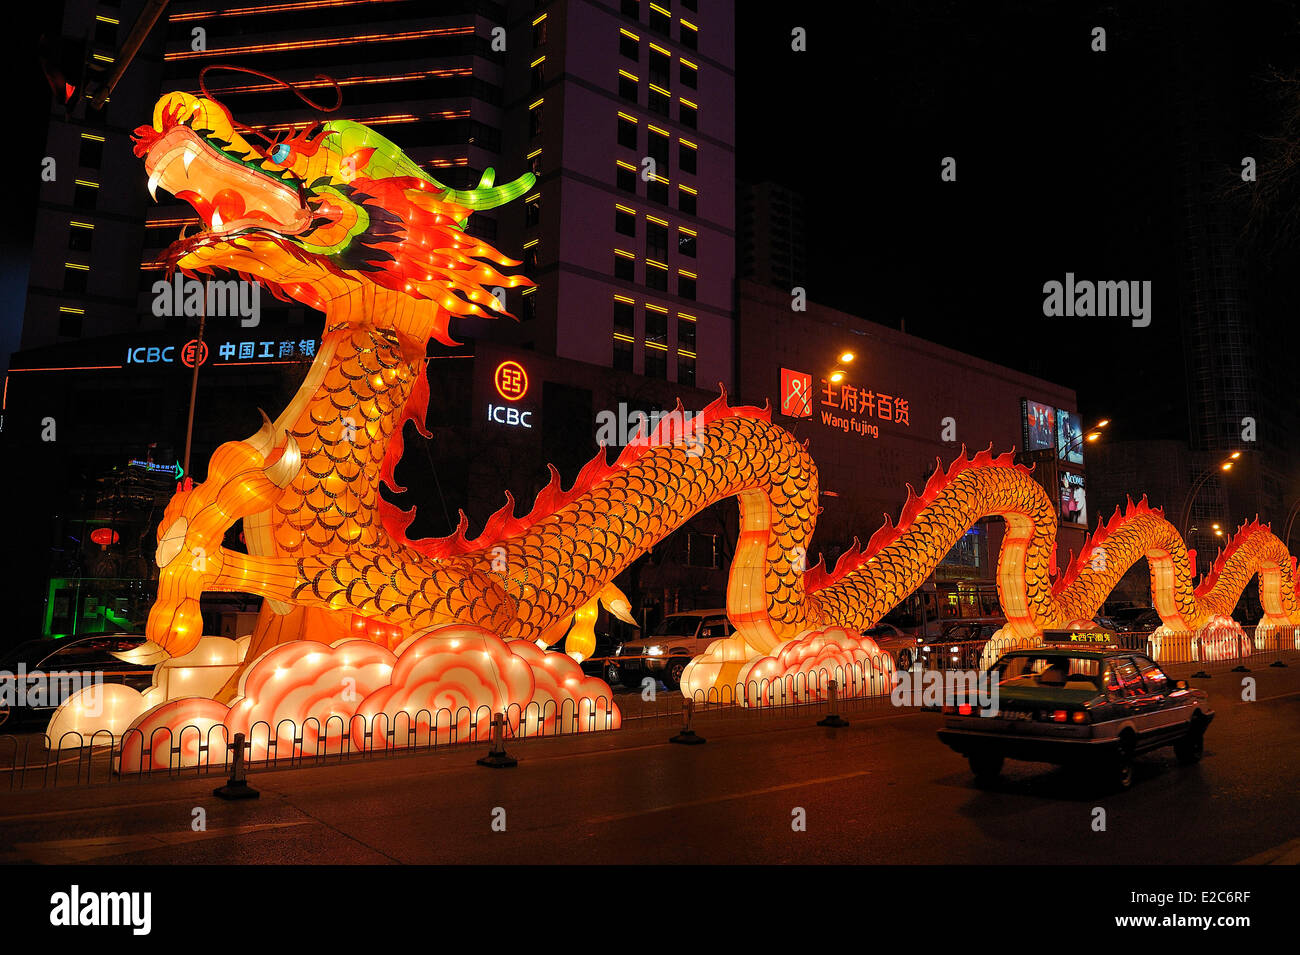 China, Qinghai, Xining, Chinese New Year festival, Illuminated dragon - Stock Image